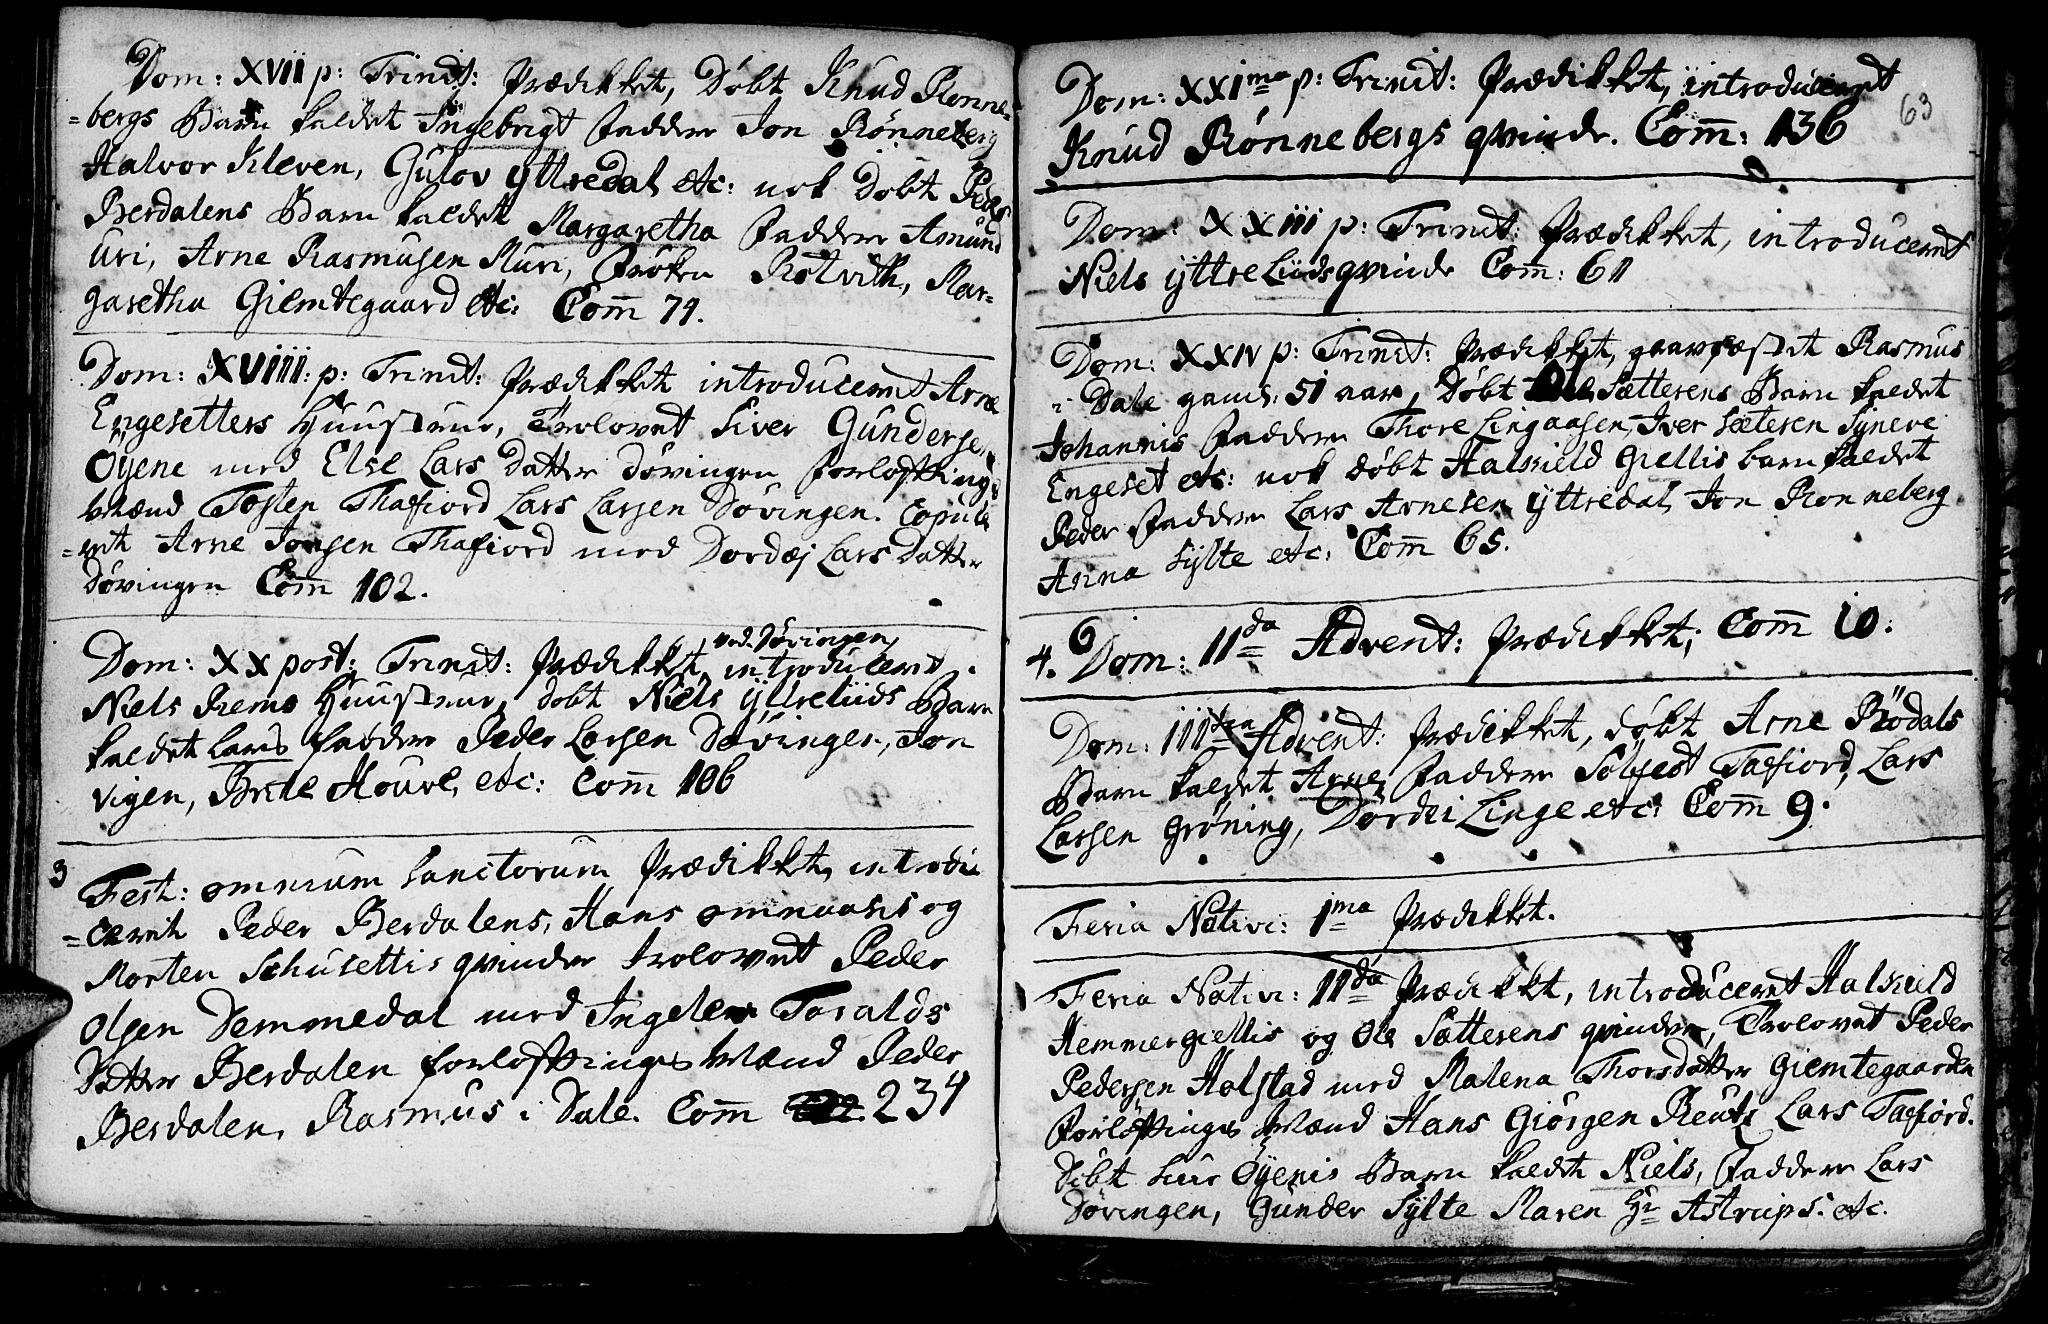 SAT, Ministerialprotokoller, klokkerbøker og fødselsregistre - Møre og Romsdal, 519/L0240: Ministerialbok nr. 519A01 /1, 1736-1760, s. 63